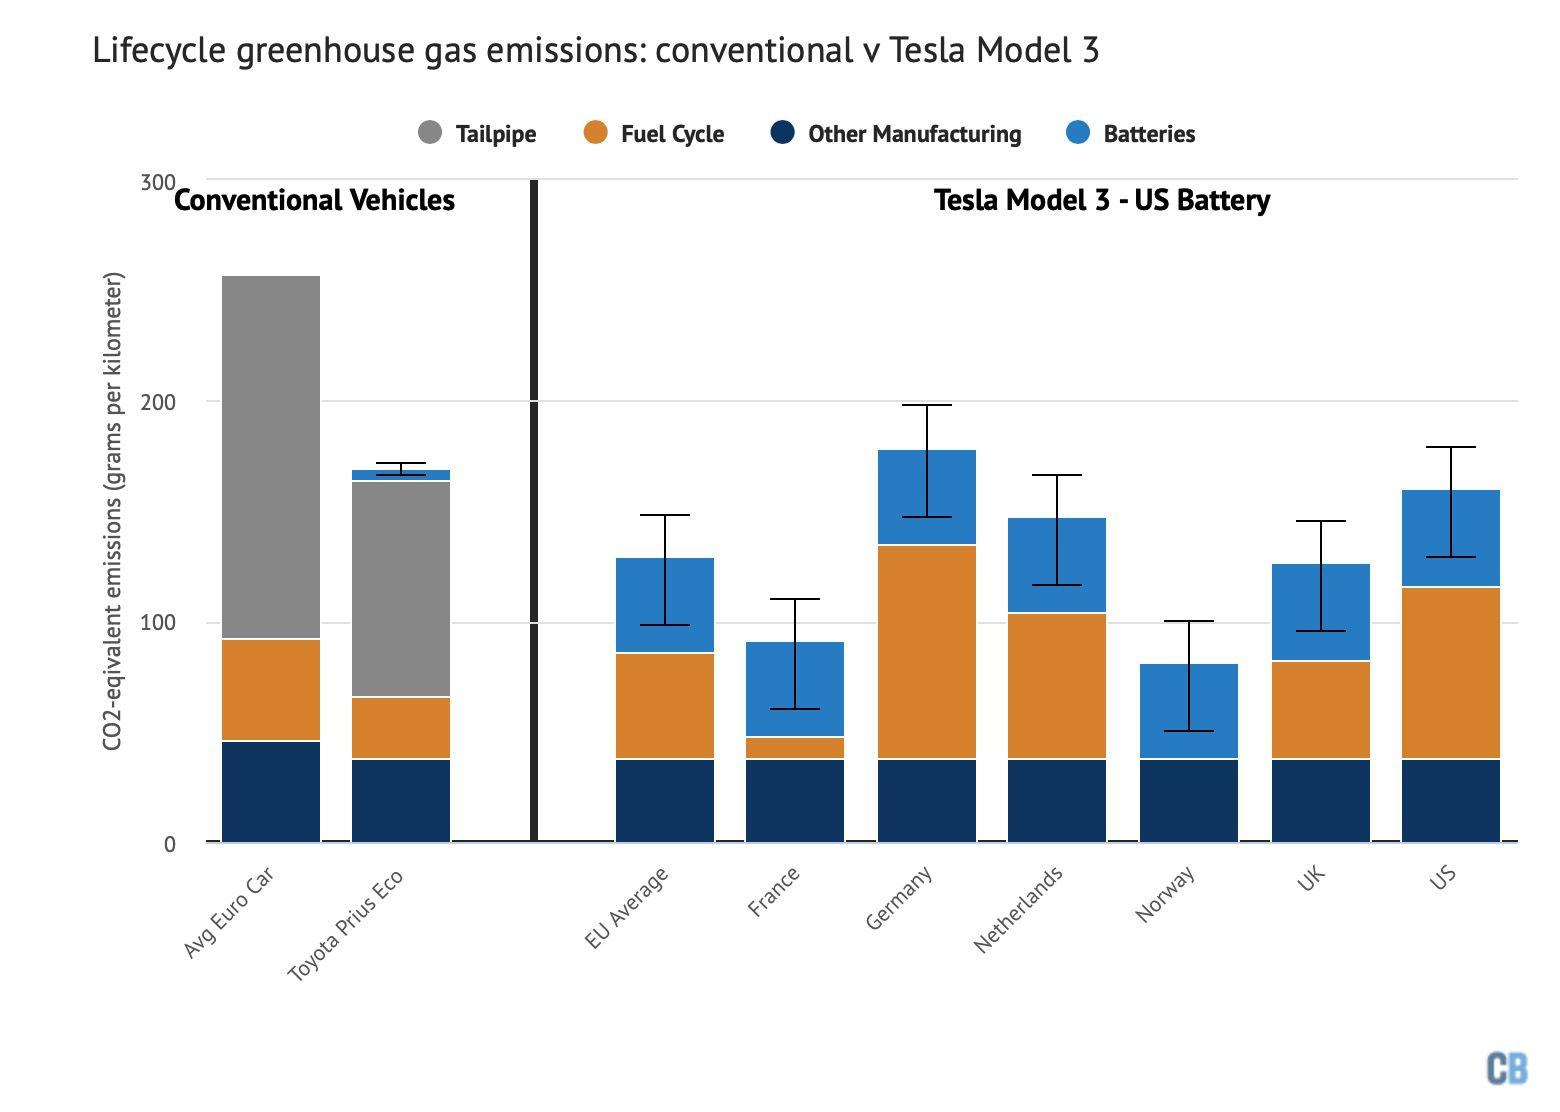 Carbon Brief table